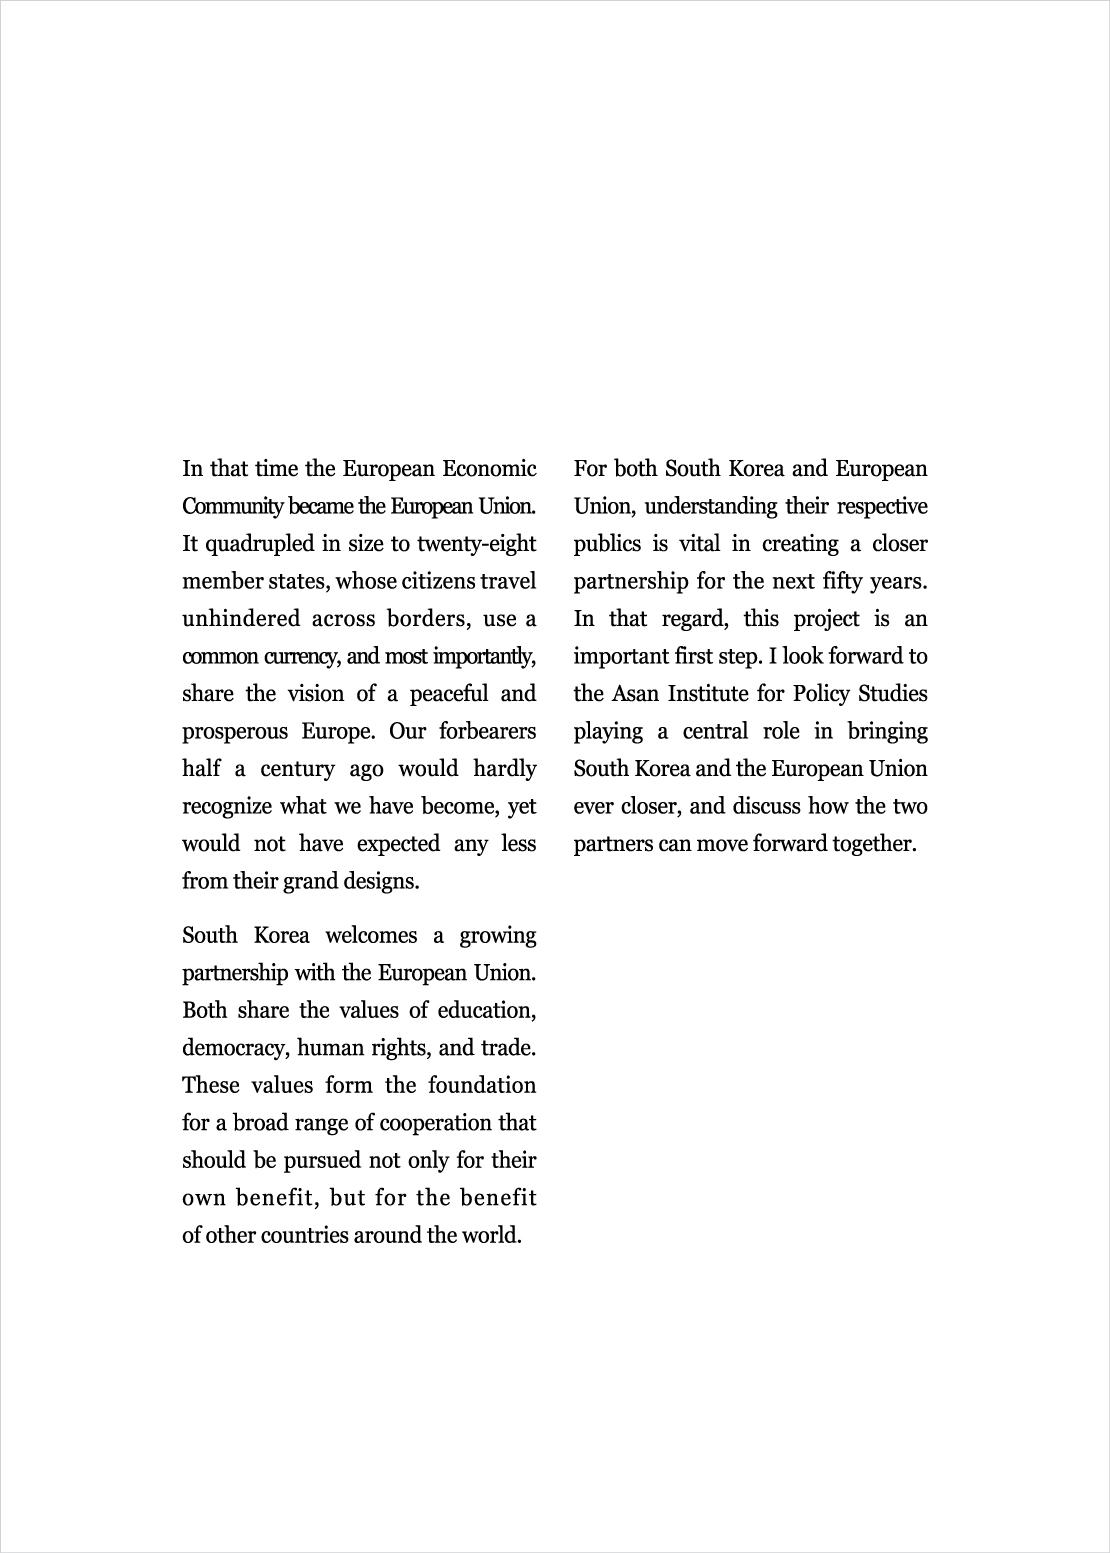 EUbook_0213-07